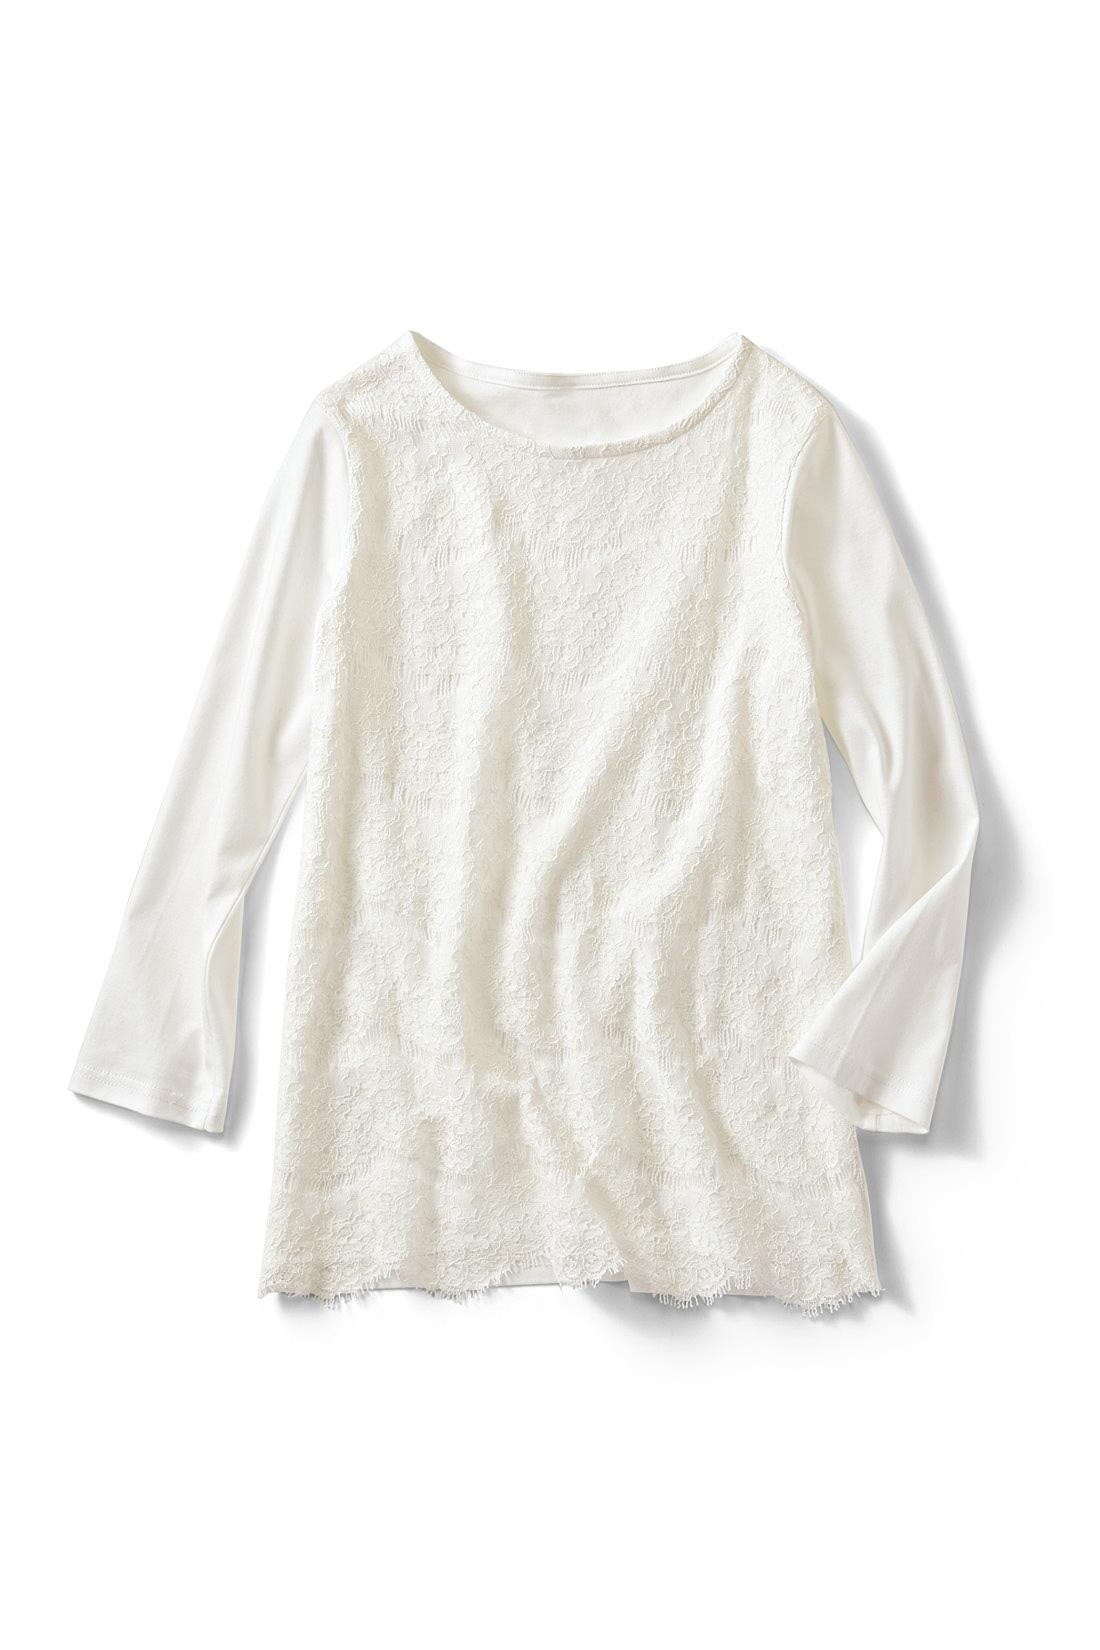 どんな服にも似合う〈ホワイト〉